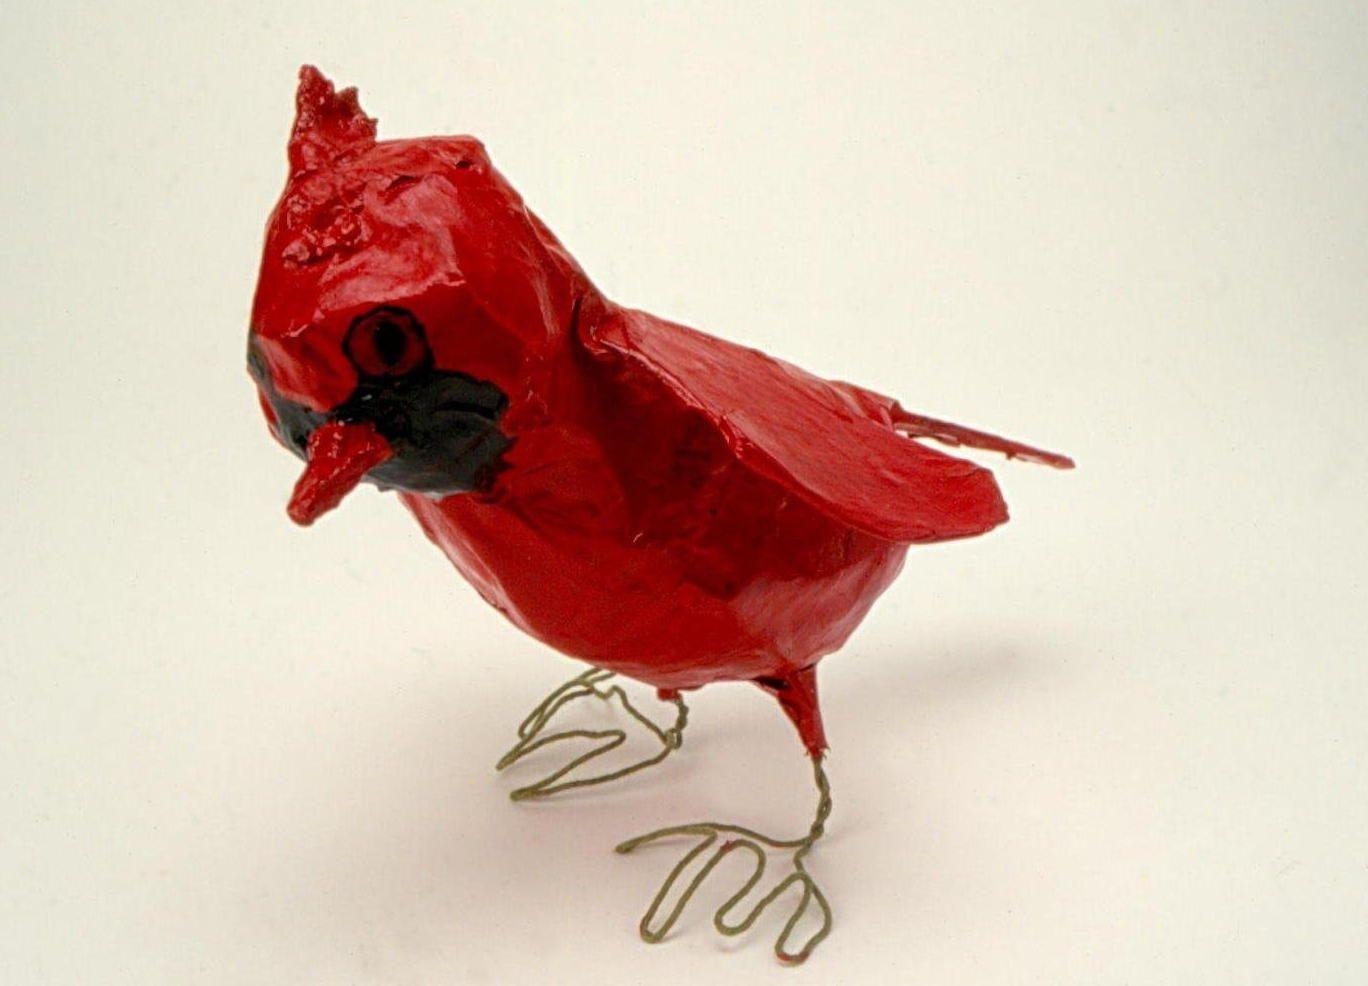 http://www.artforsmallhands.com/2010/04/papier-mache-birds.html